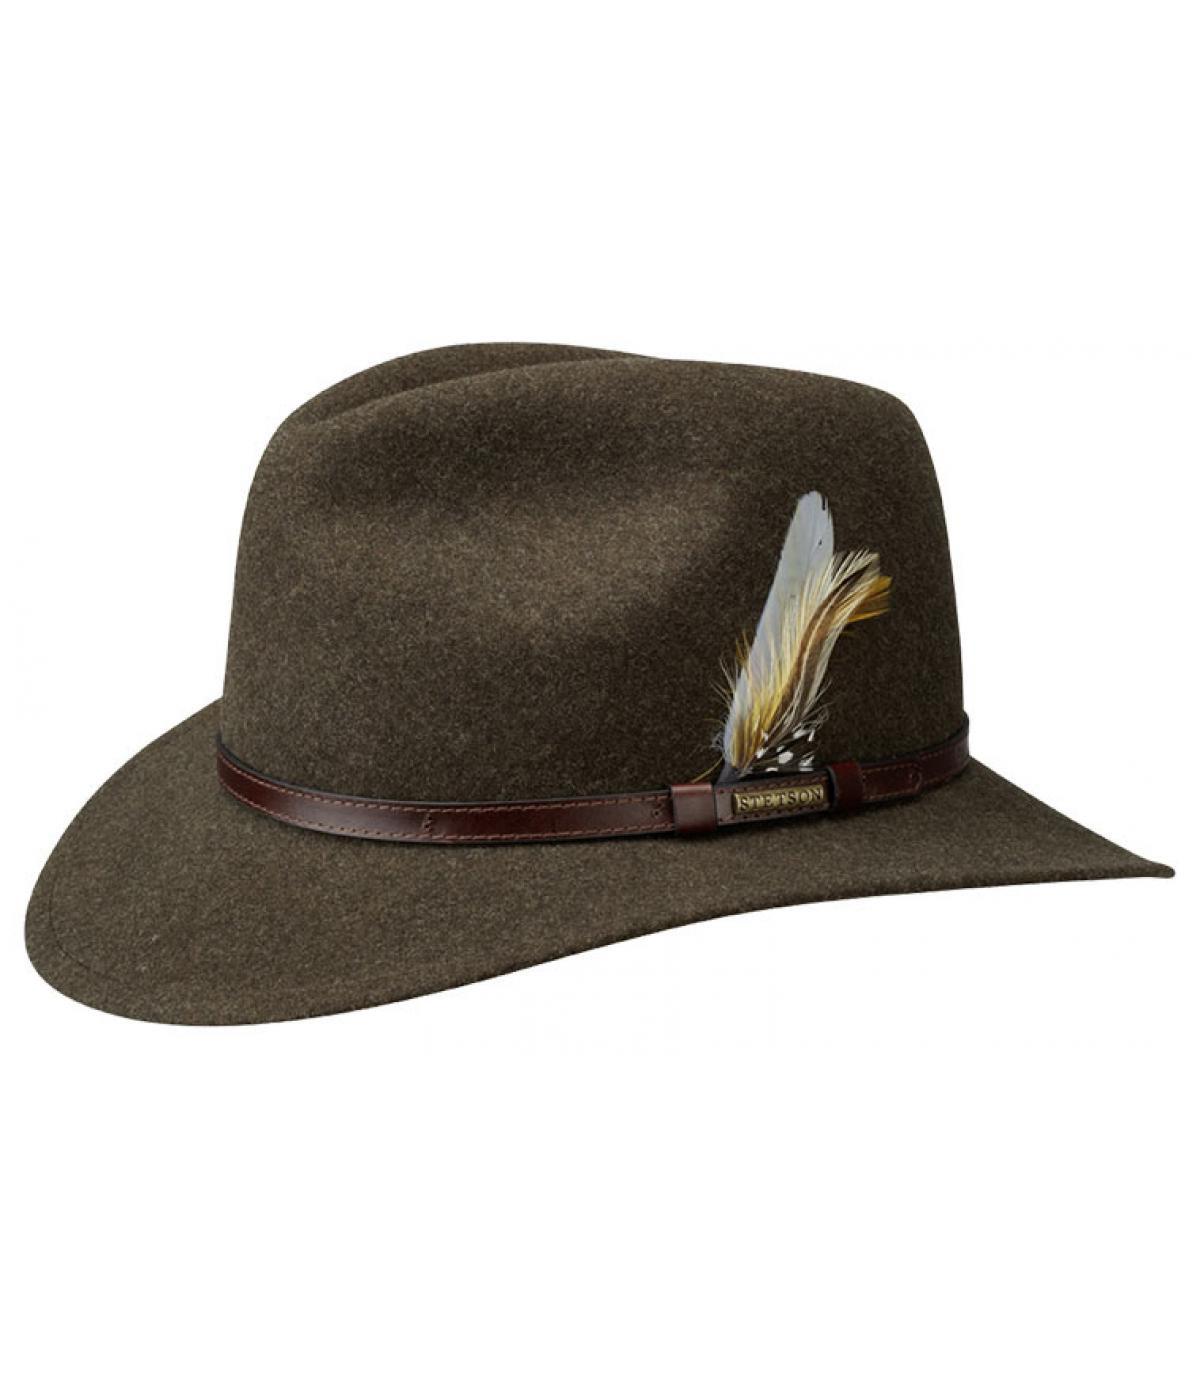 Cappello feutre marrone Stetson